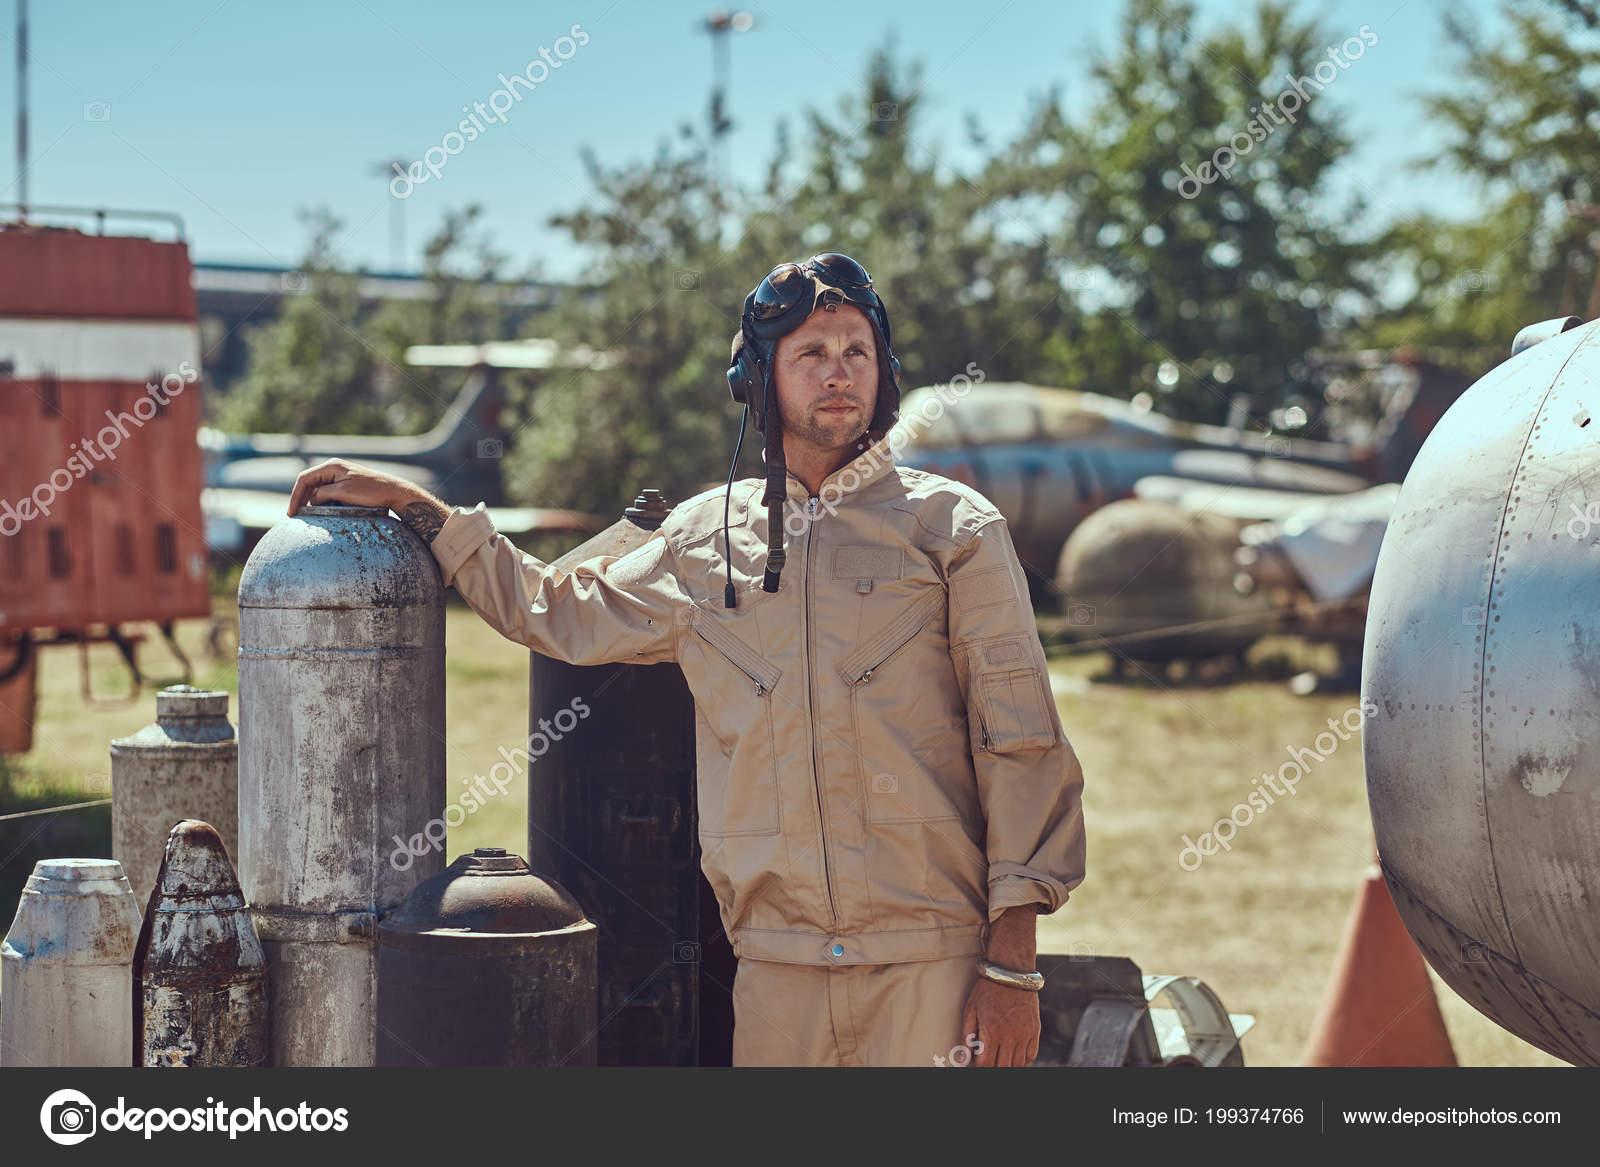 651e397cd4 Ritratto di un pilota in uniforme e volante casco vicino combattimento  bombe per un bombardiere in un museo a cielo aperto– immagine stock